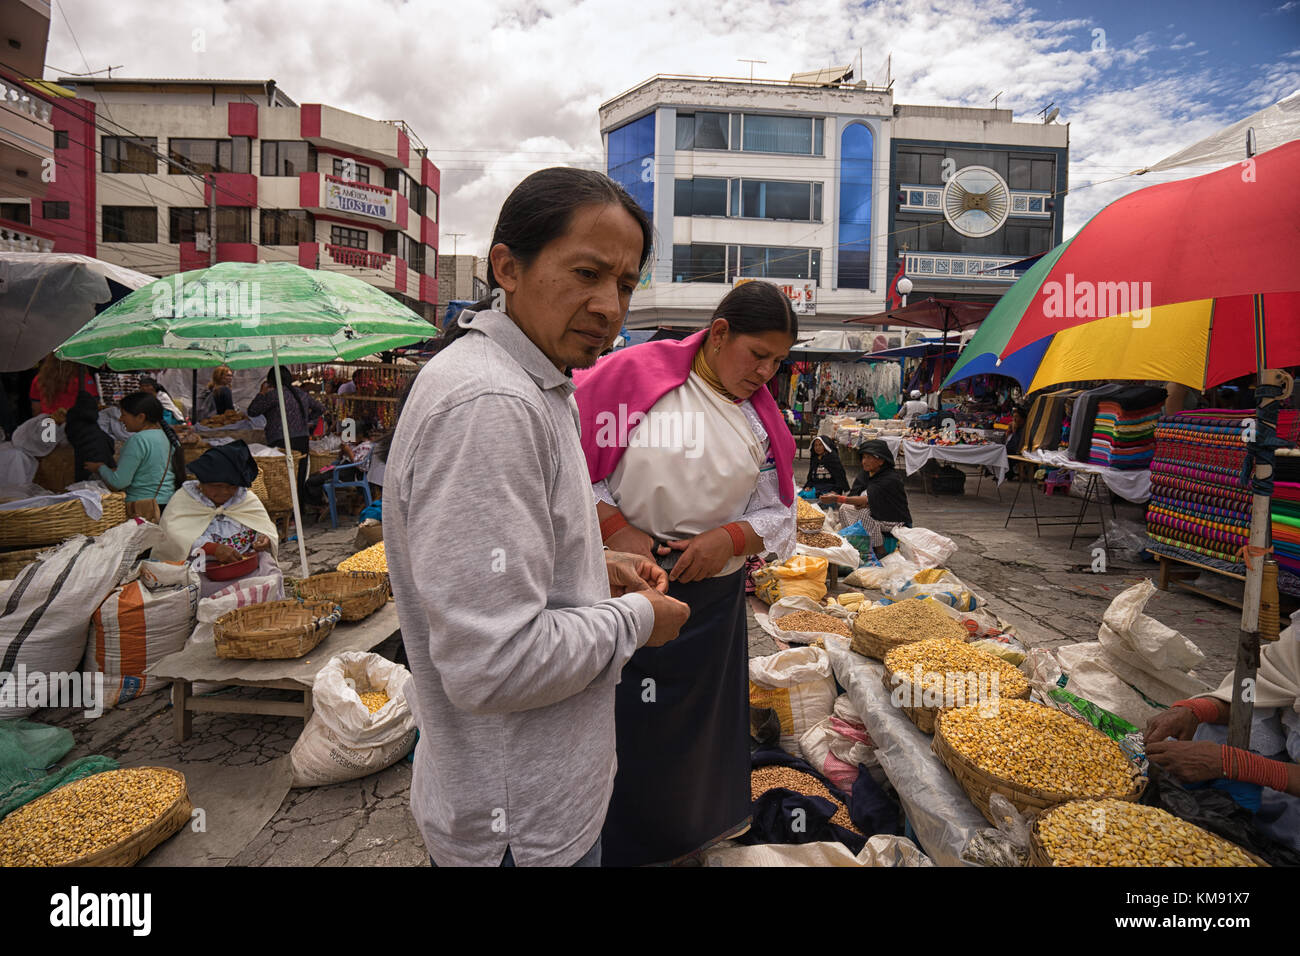 Otavalo, Ecuador - Diciembre 2, 2017: hombre y mujer indígena de compras en el exterior Sábado artesano Imagen De Stock